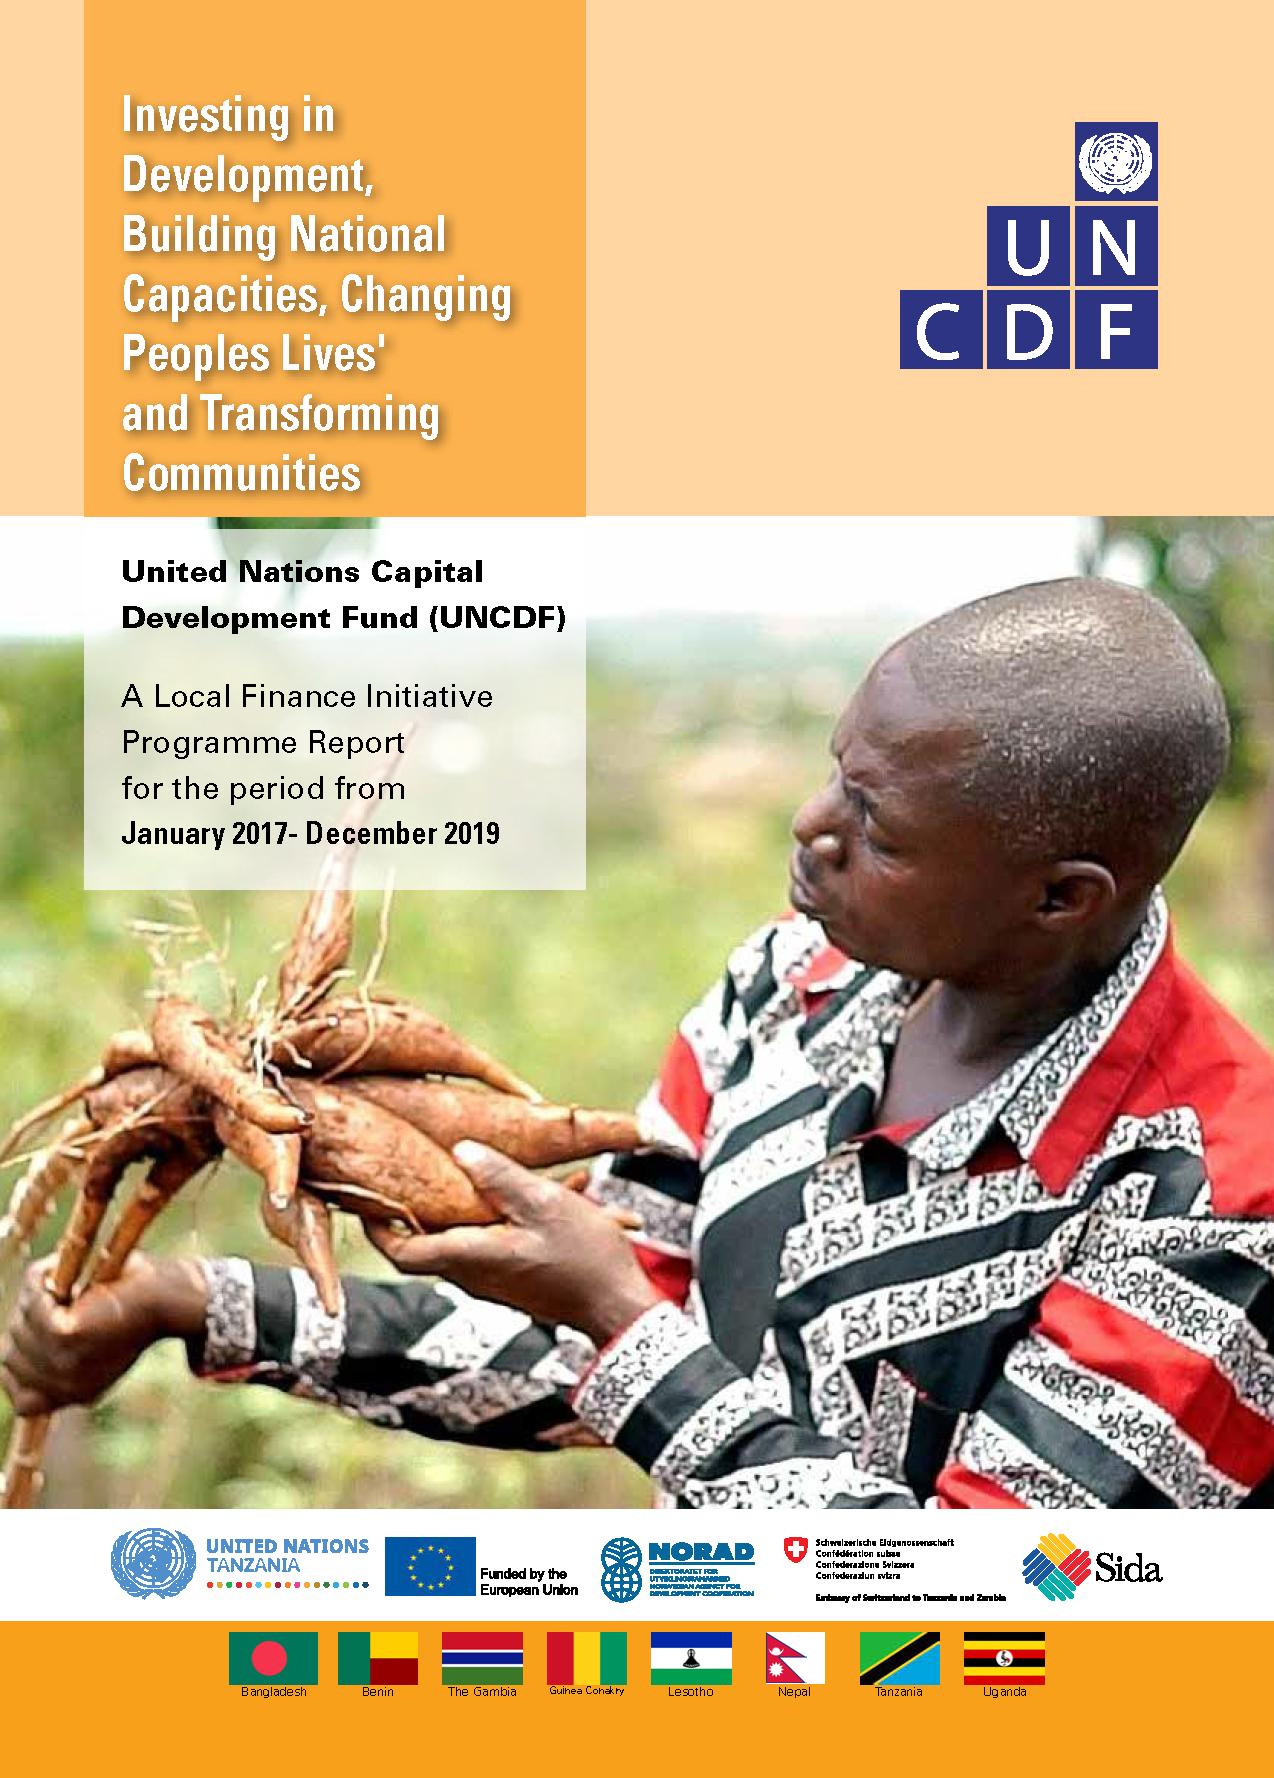 UNCDF Global LFI Report